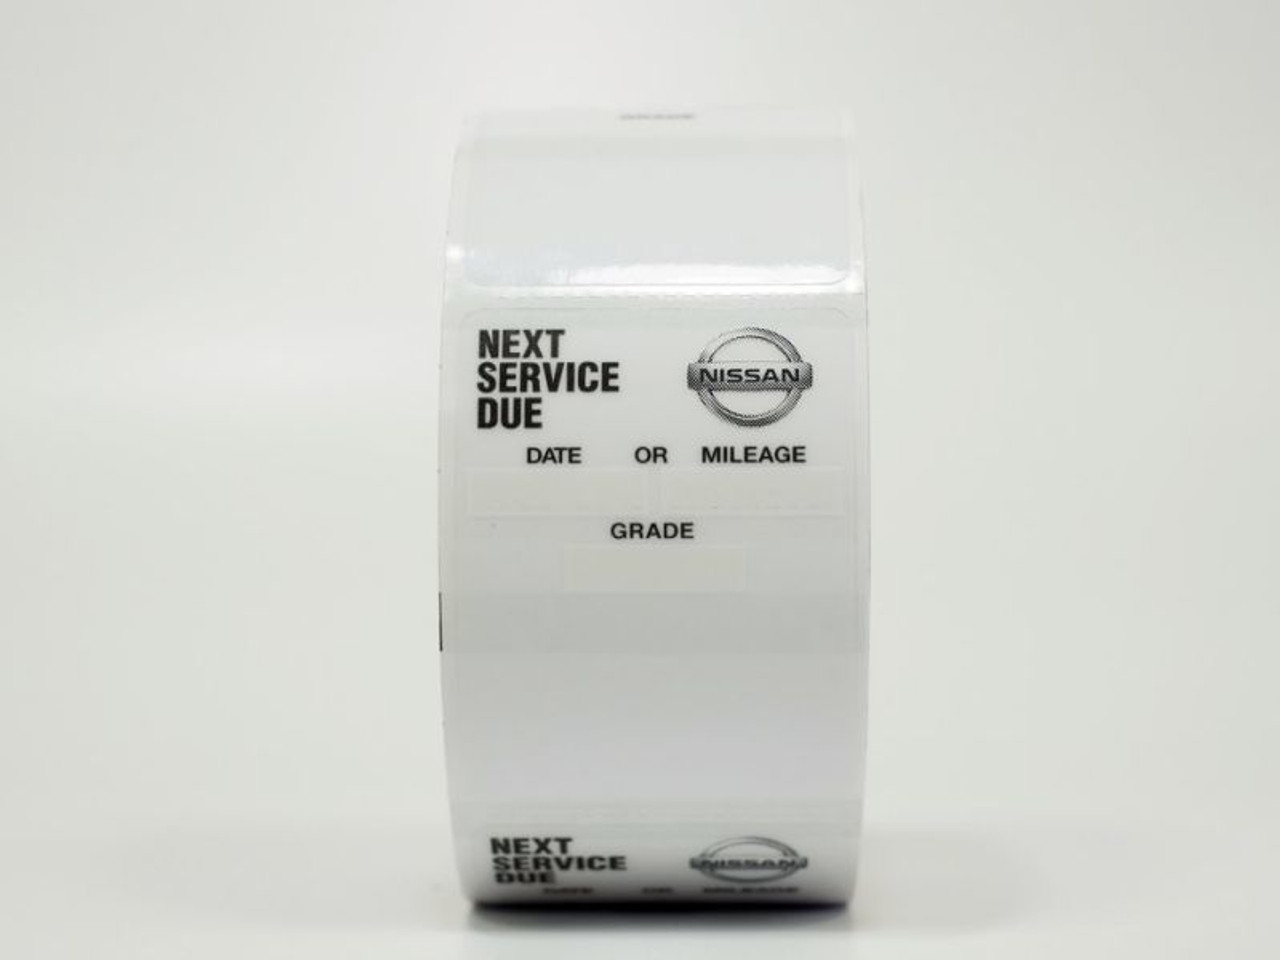 Nissan Oil Change Sticker - Handwritten or Printer Compatible